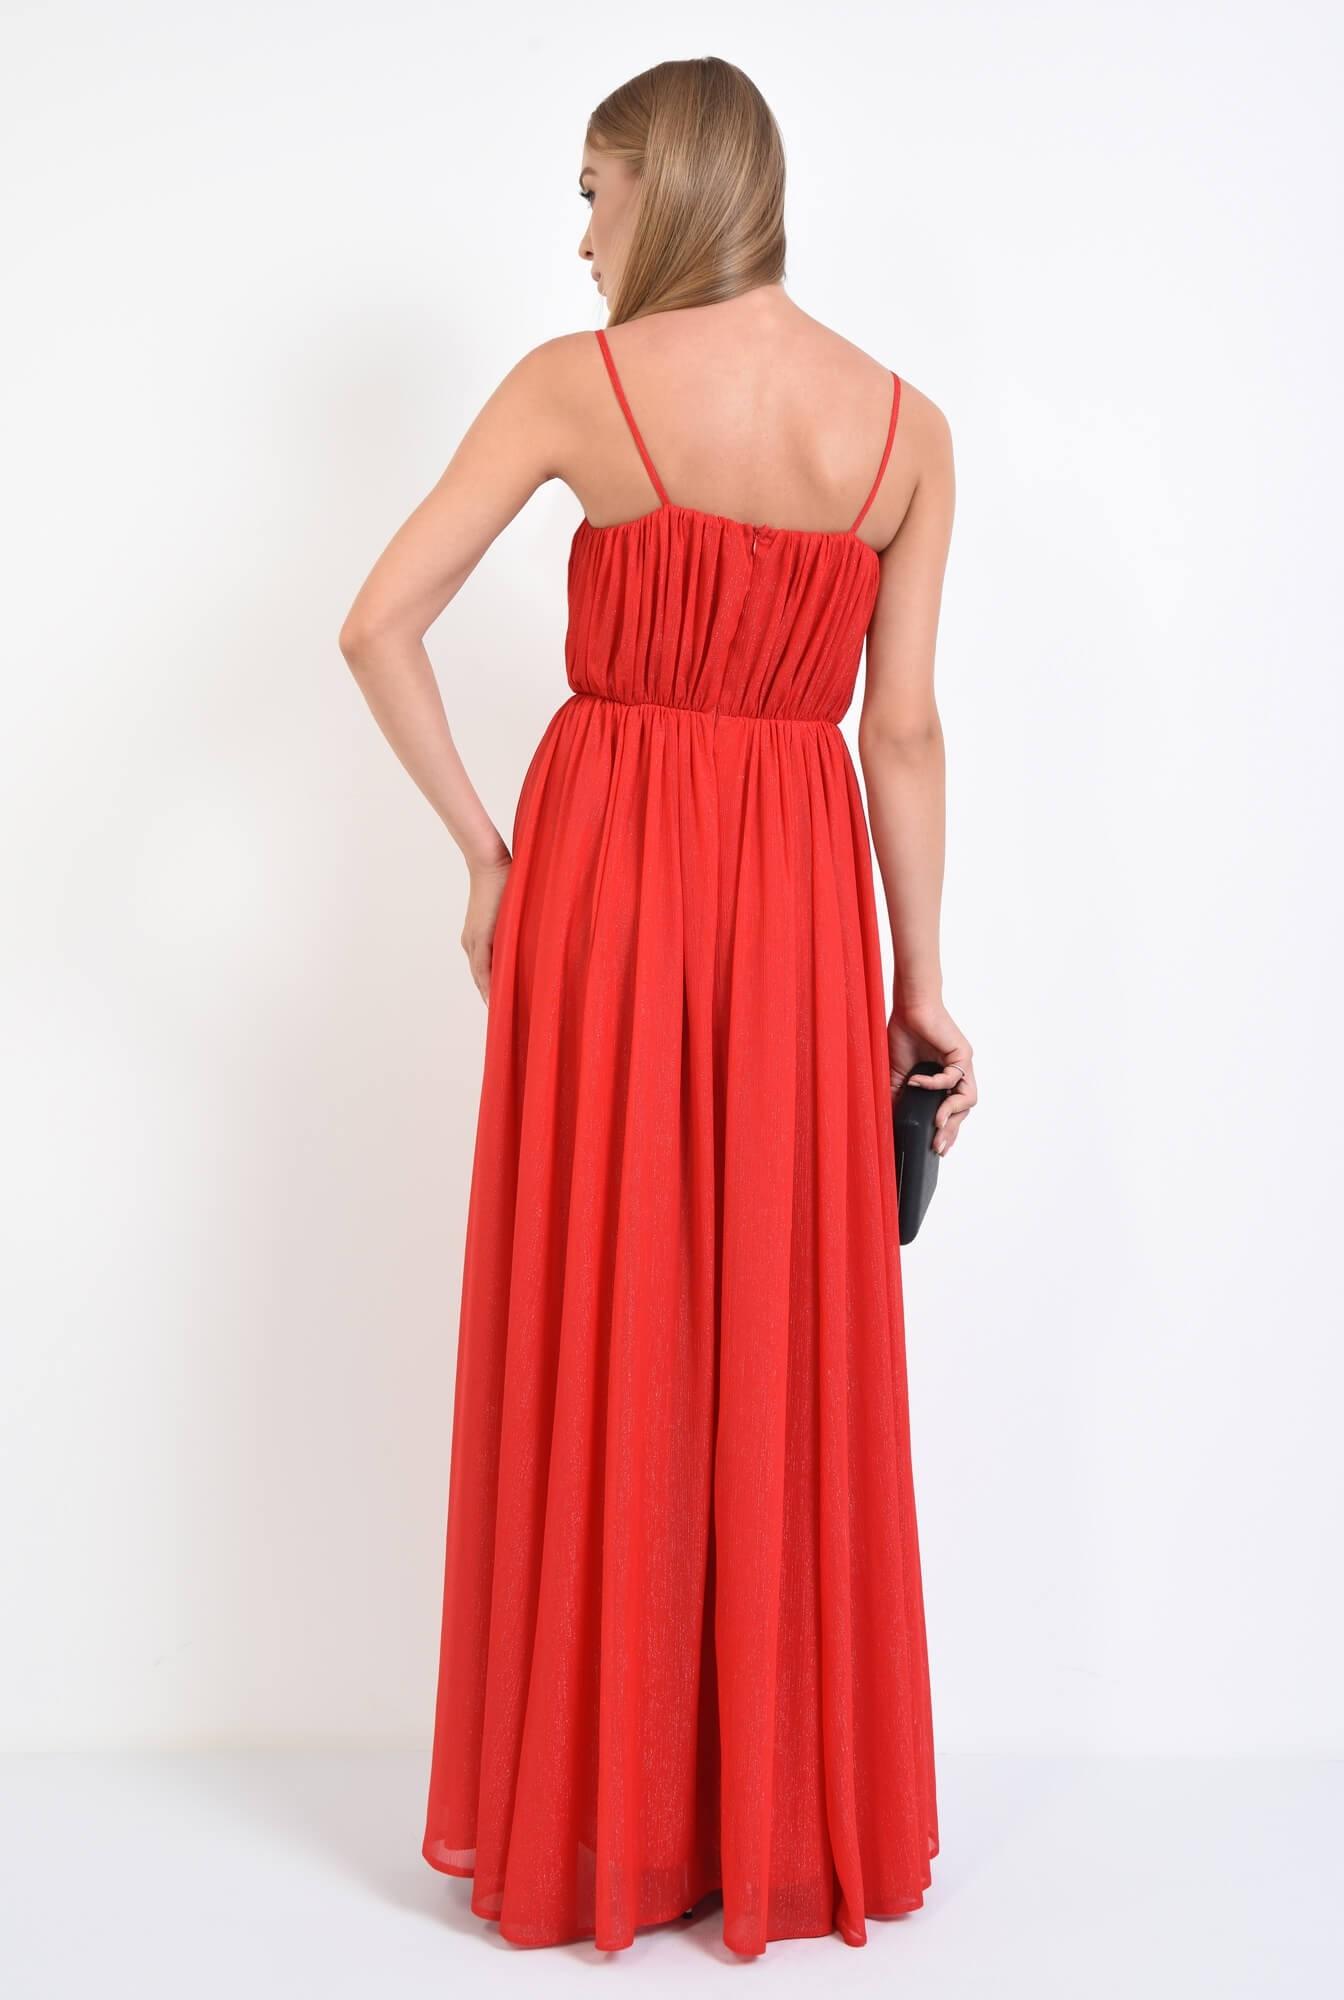 1 - rochie de seara, lunga, rosu, voal